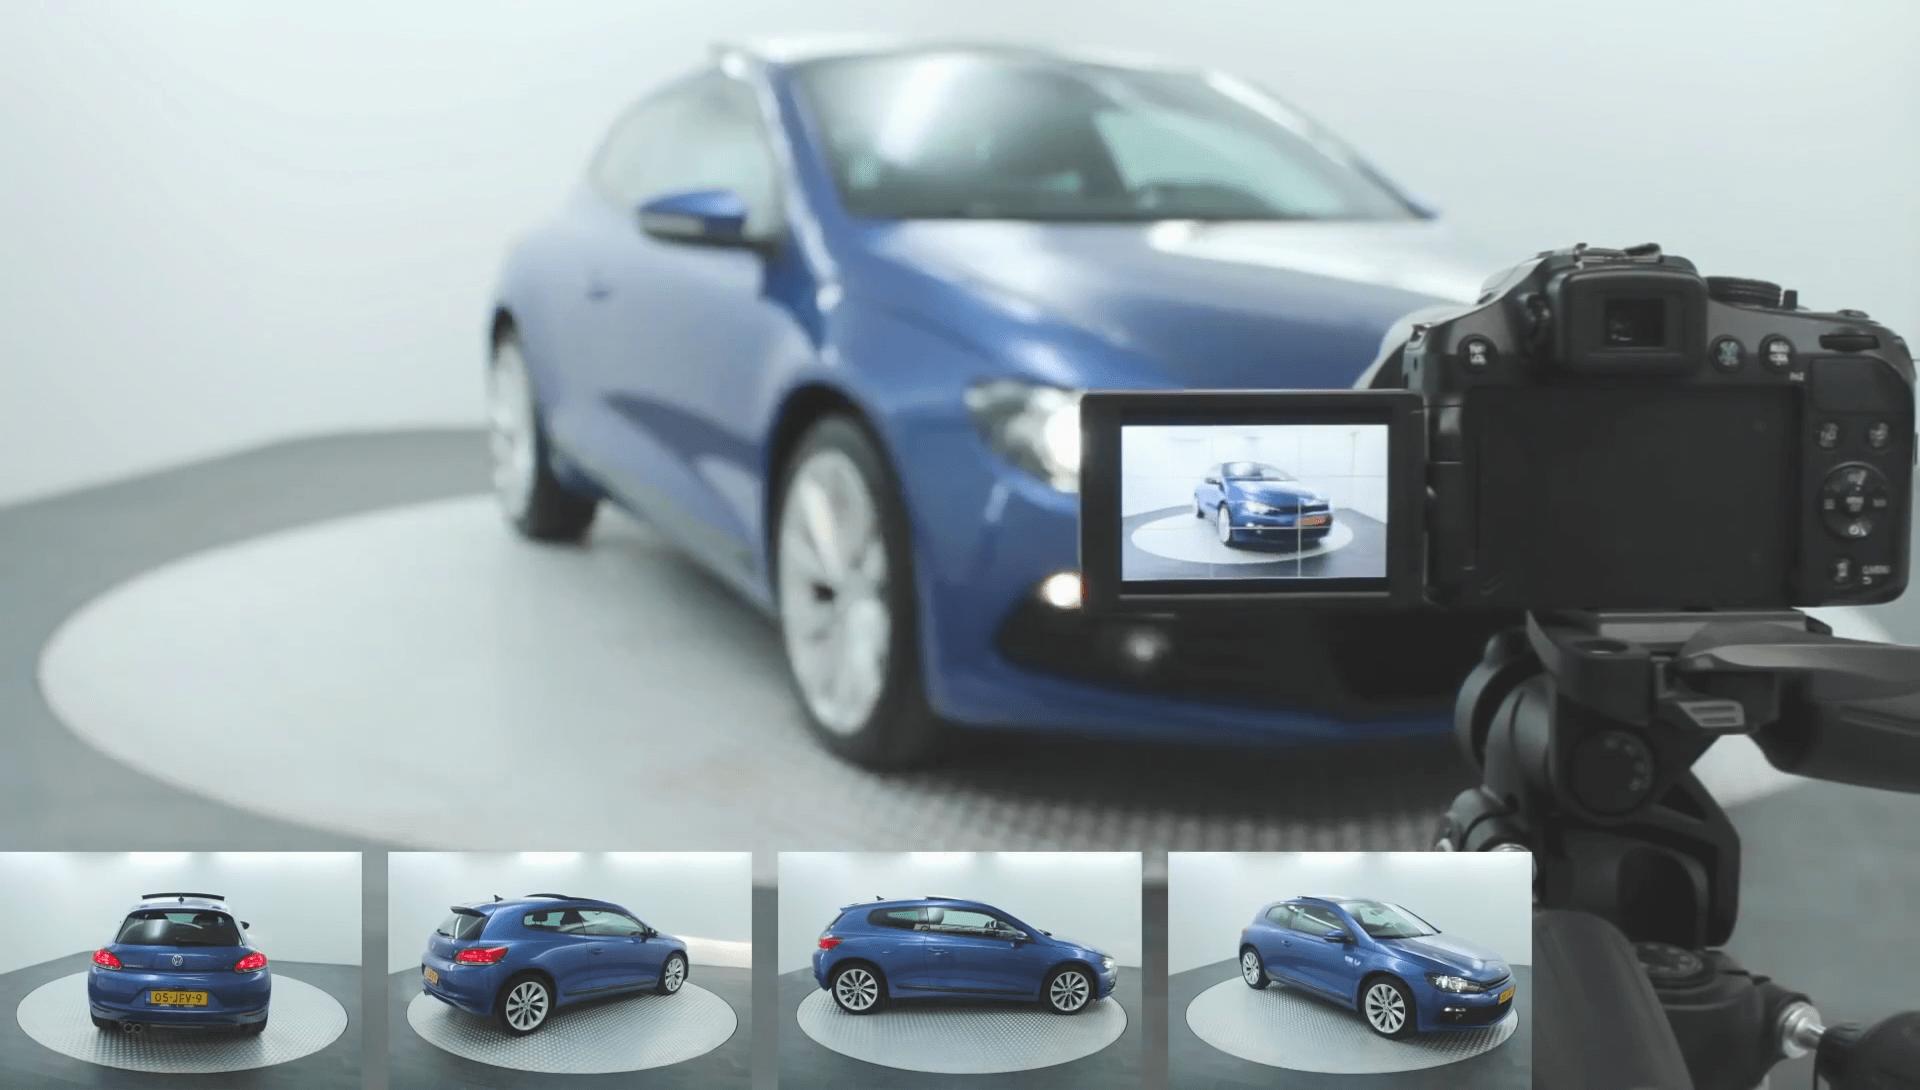 Video: Drehscheiben für Autofotografie | Pre-Motion